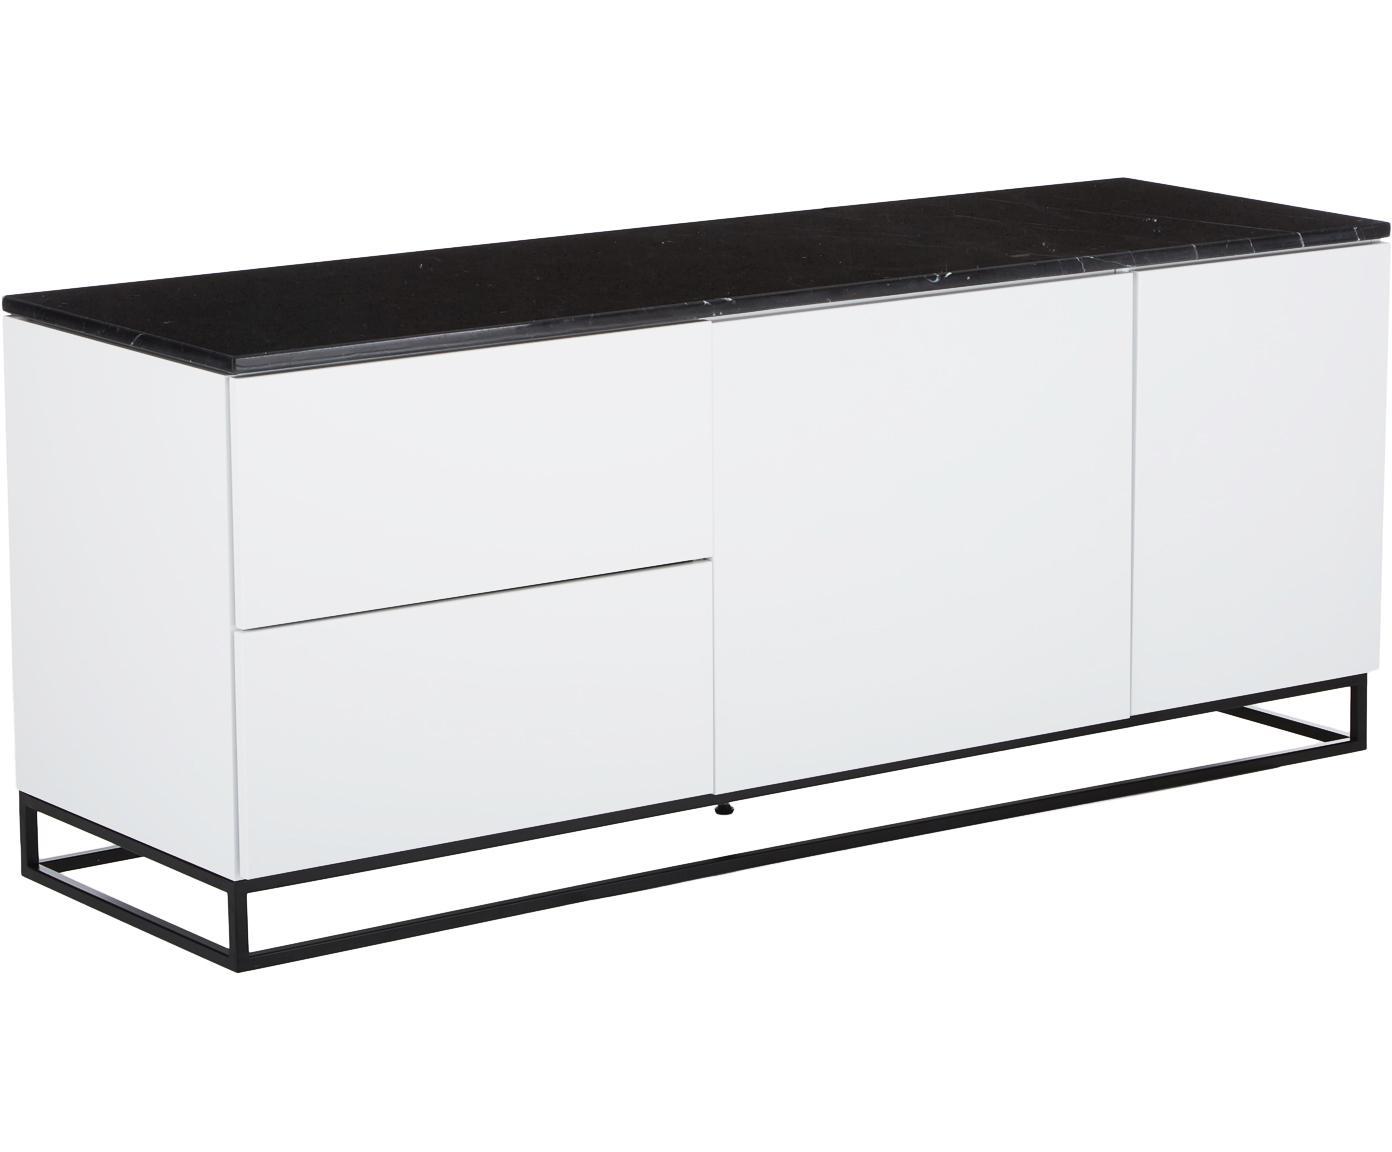 Credenza con piano in marmo Join, Mensola: marmo, Piedini: metallo verniciato, Bianco, nero, Larg. 160 x Alt. 66 cm